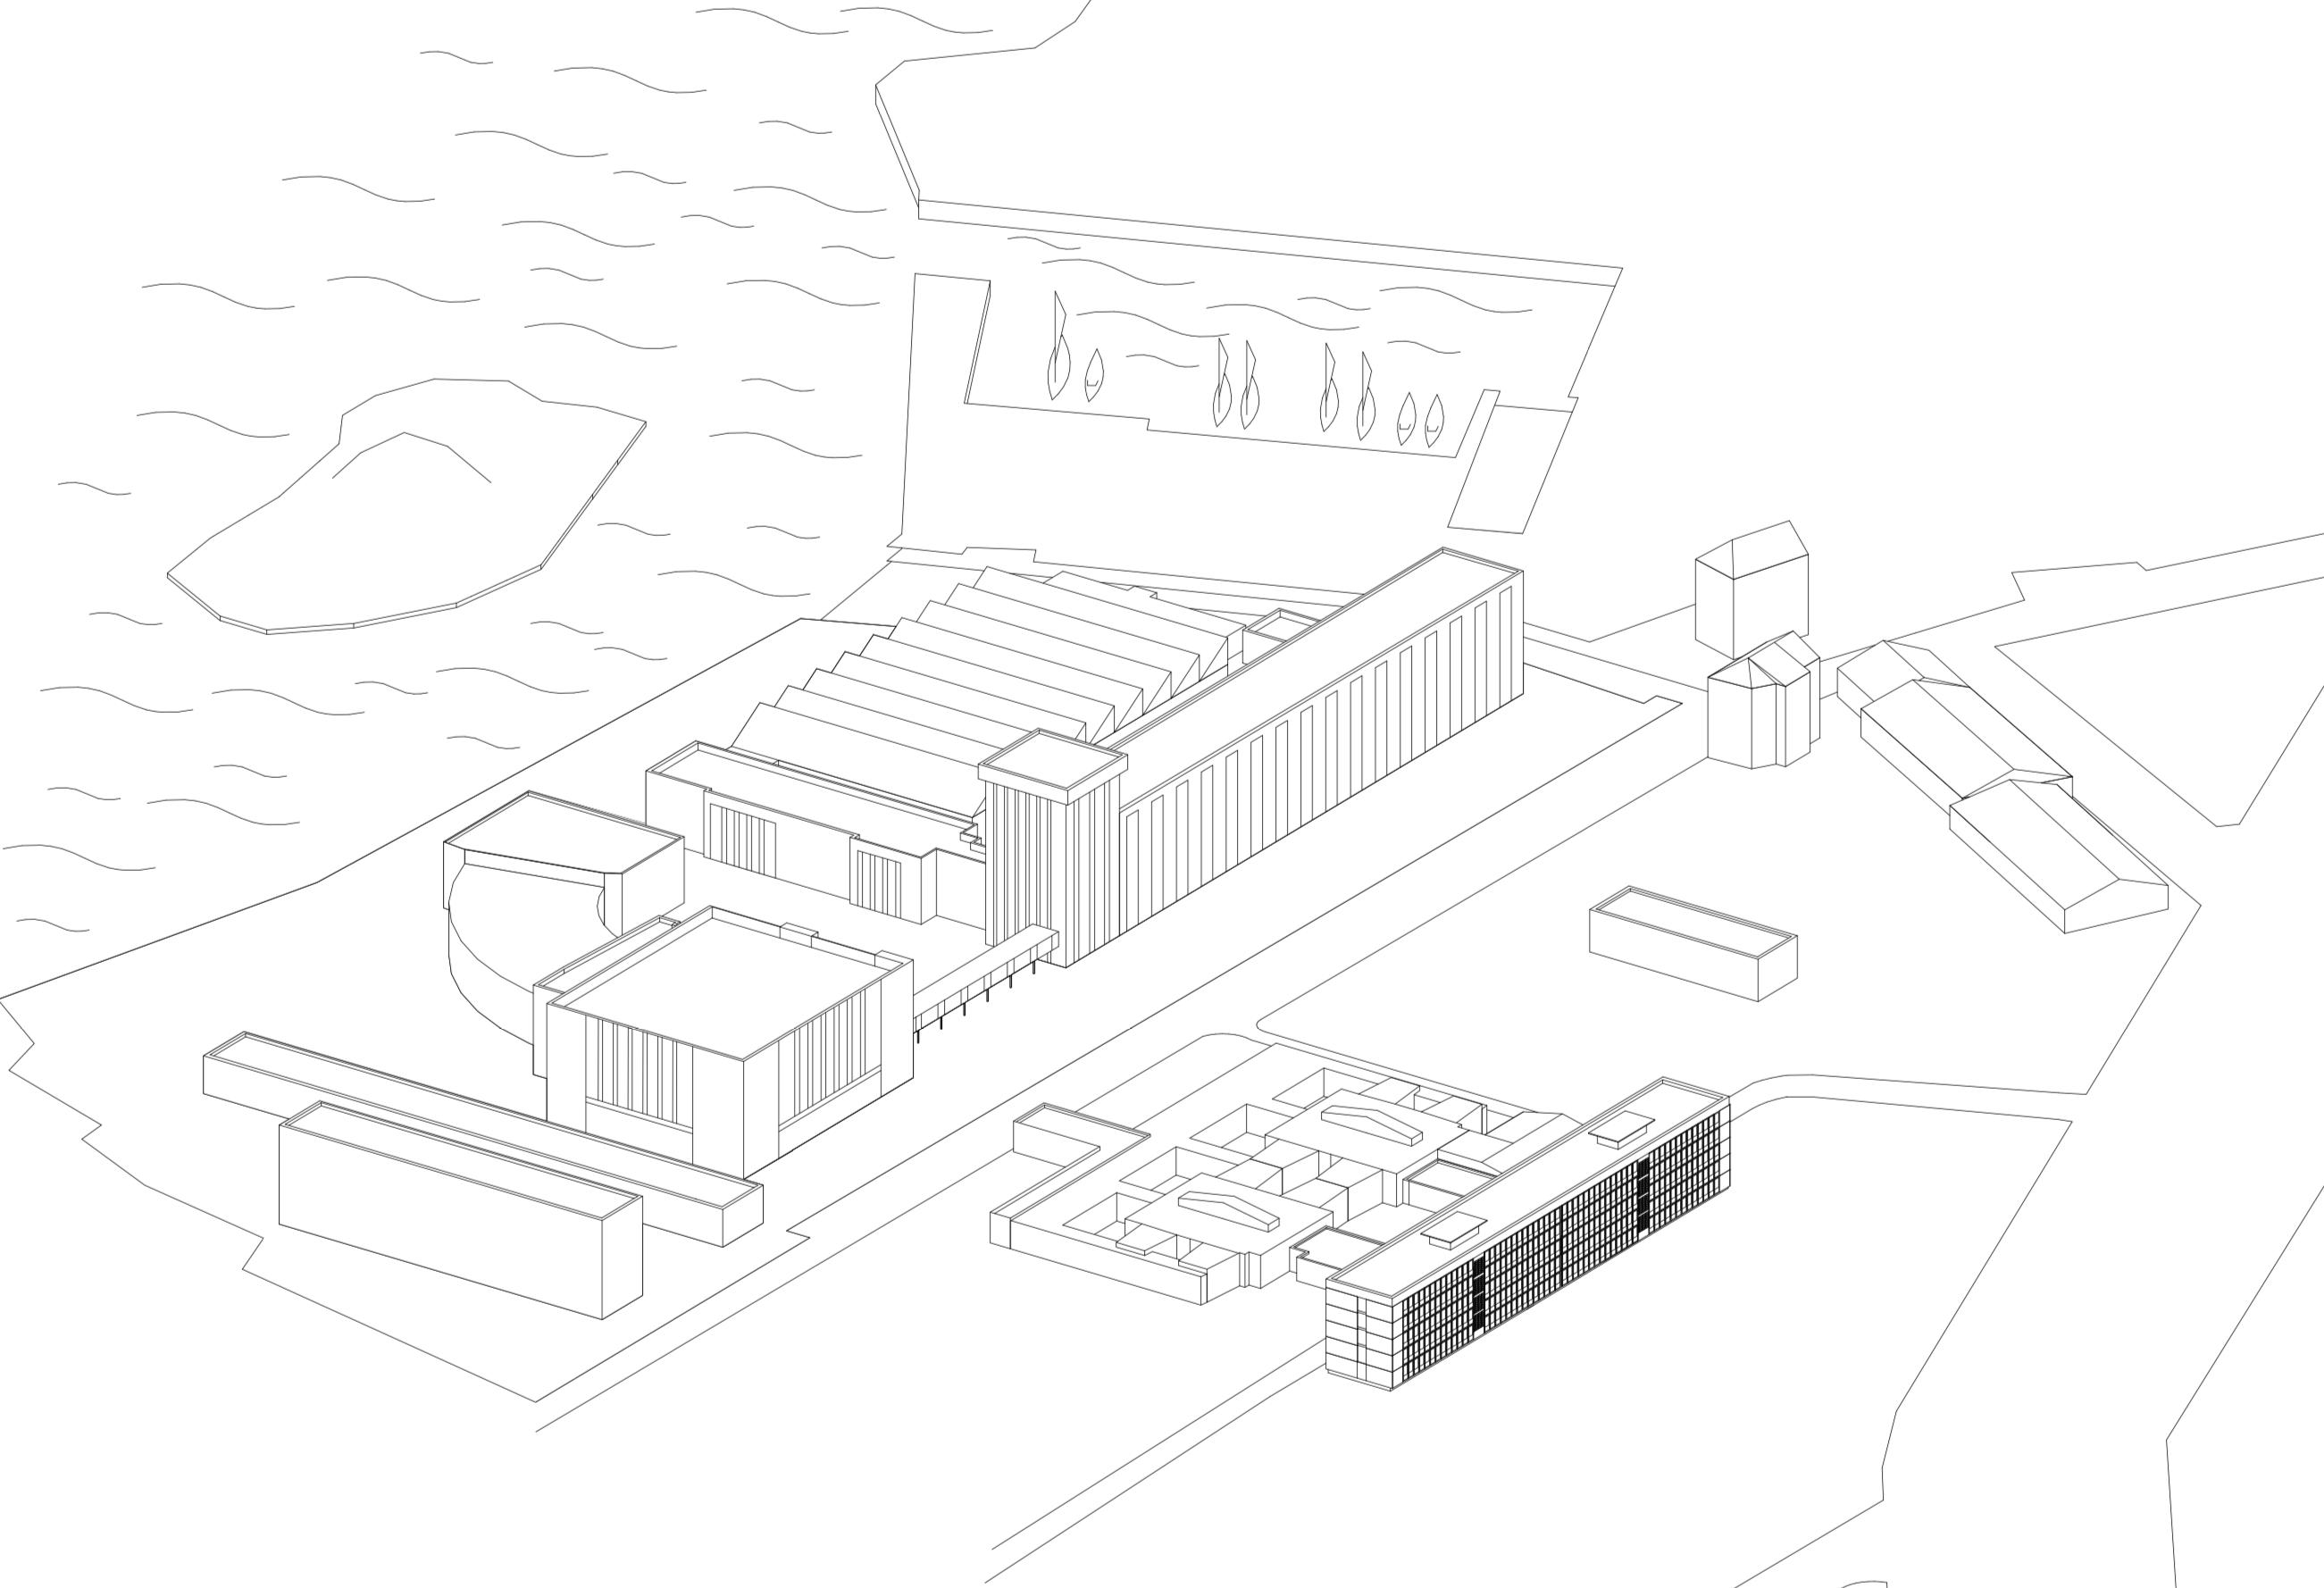 DT64, Tanja Lincke Architekten